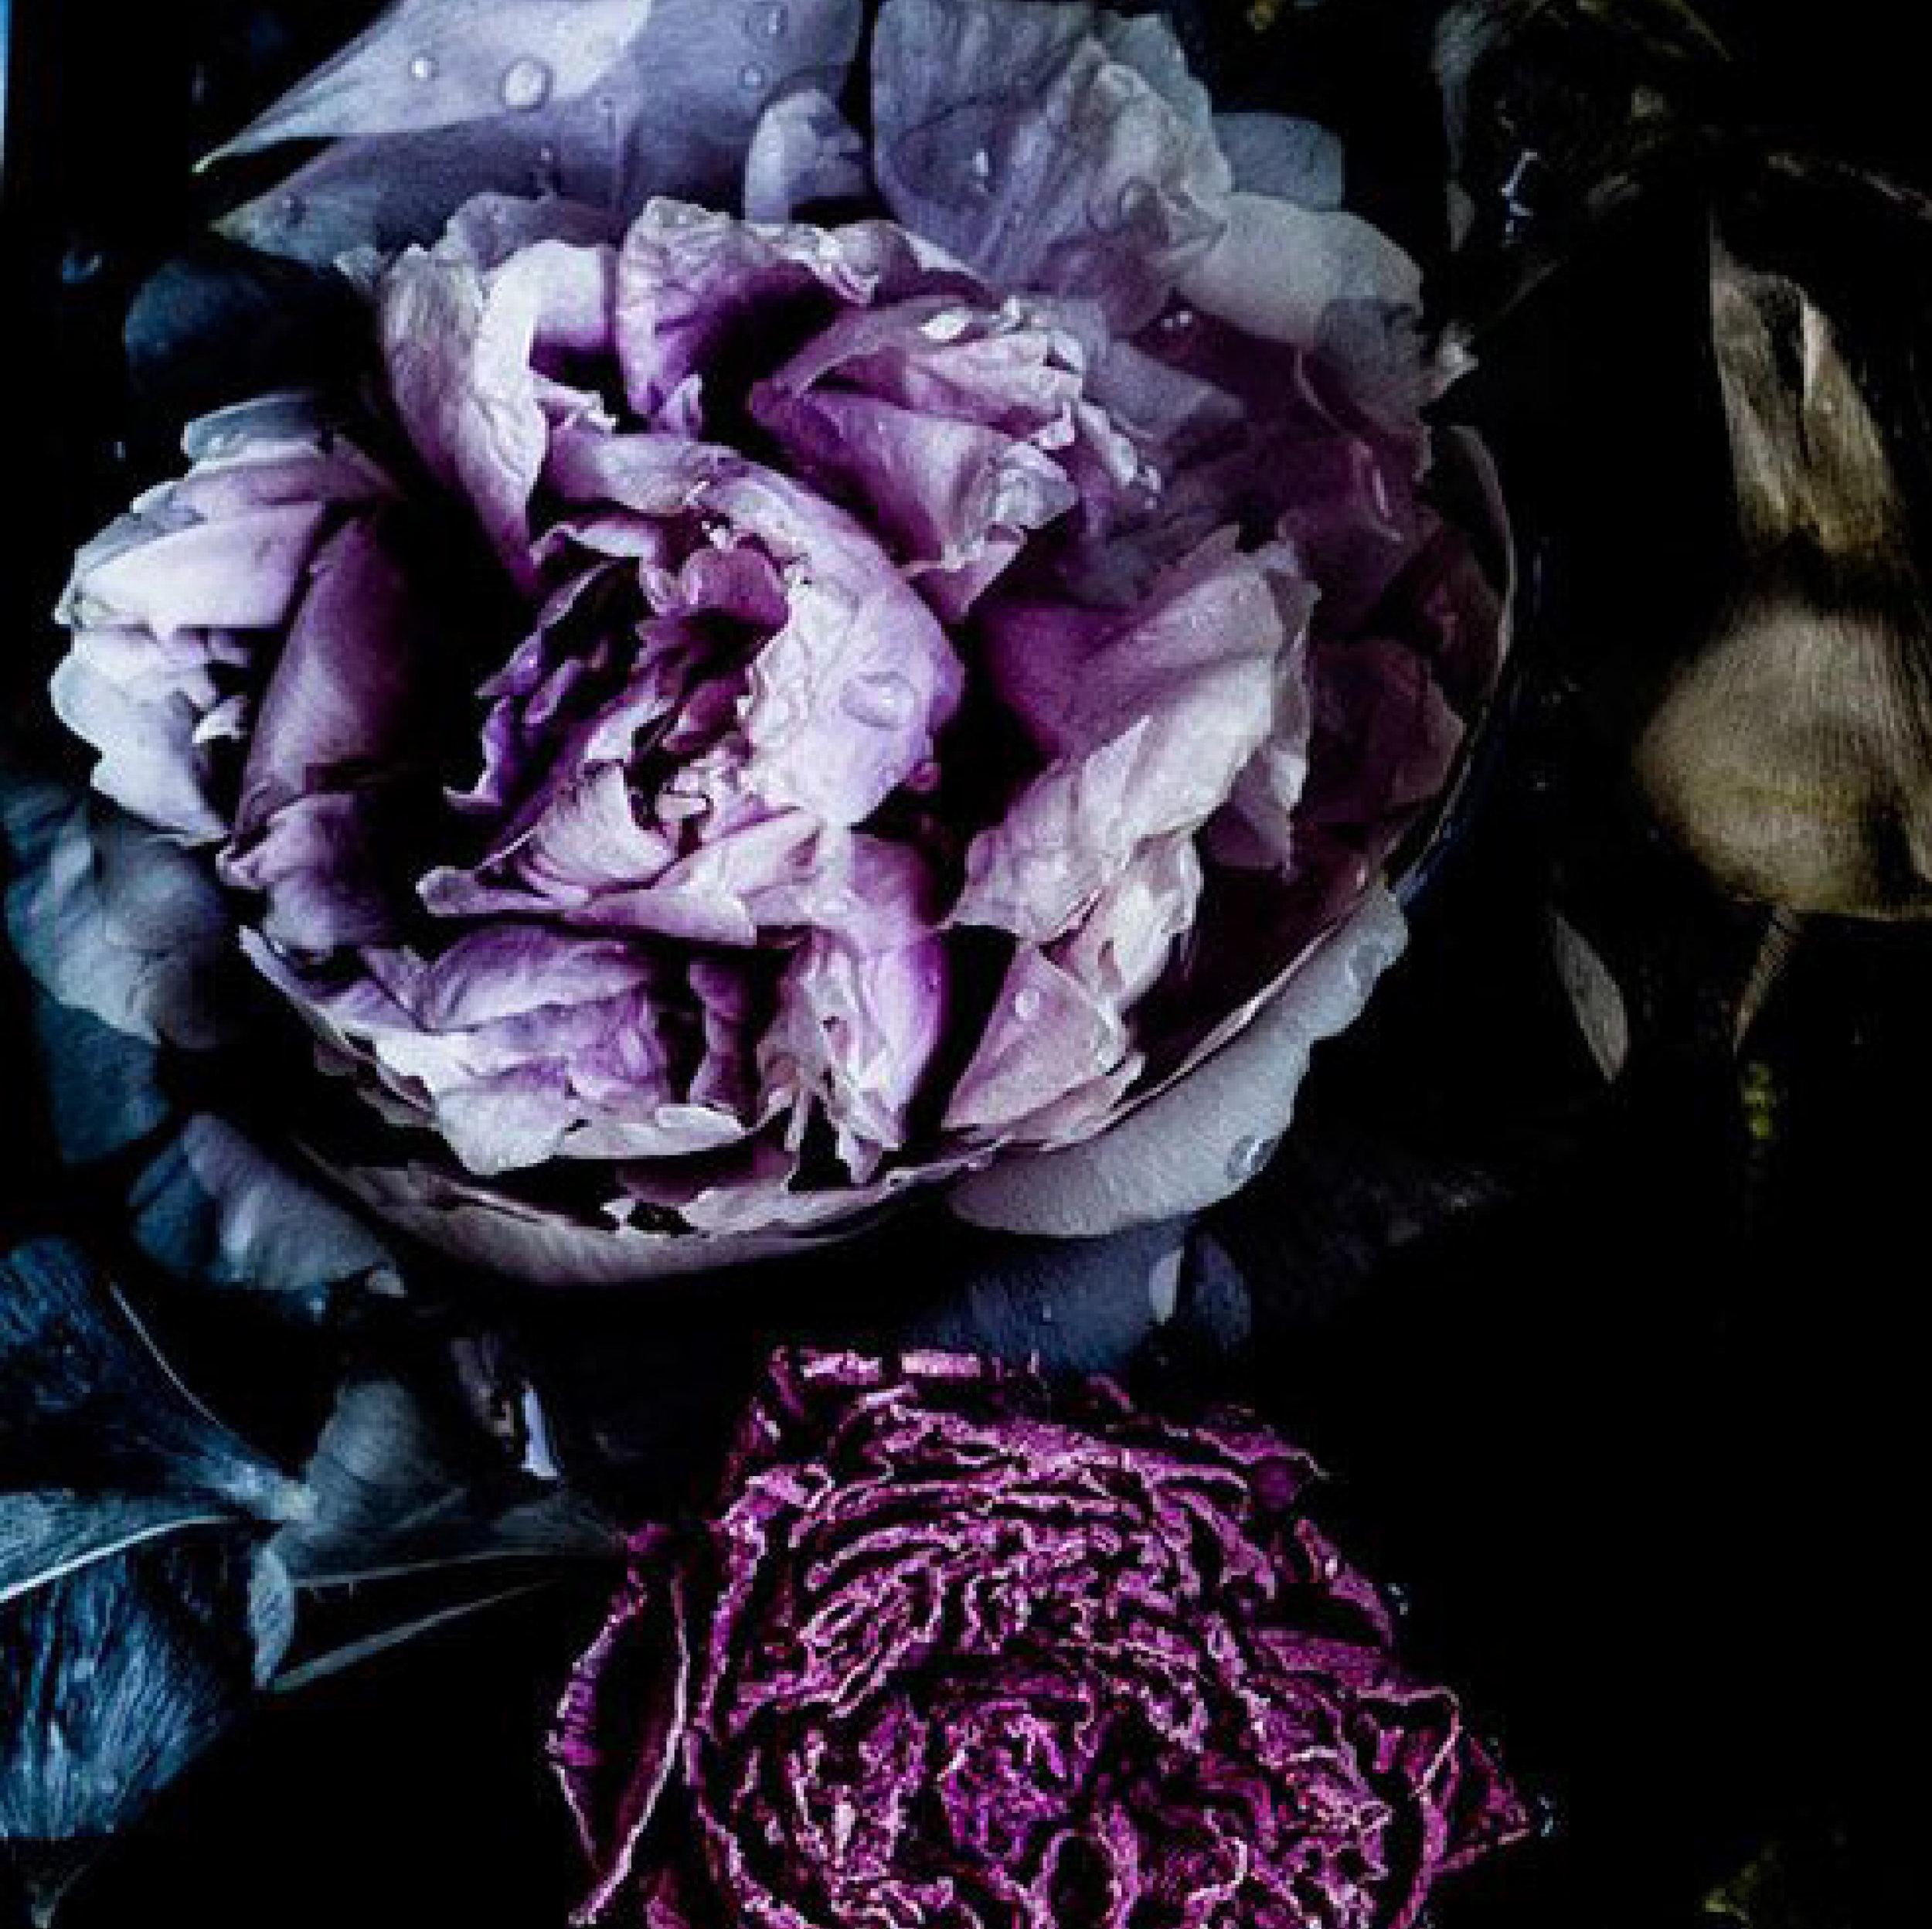 floral_1.jpg